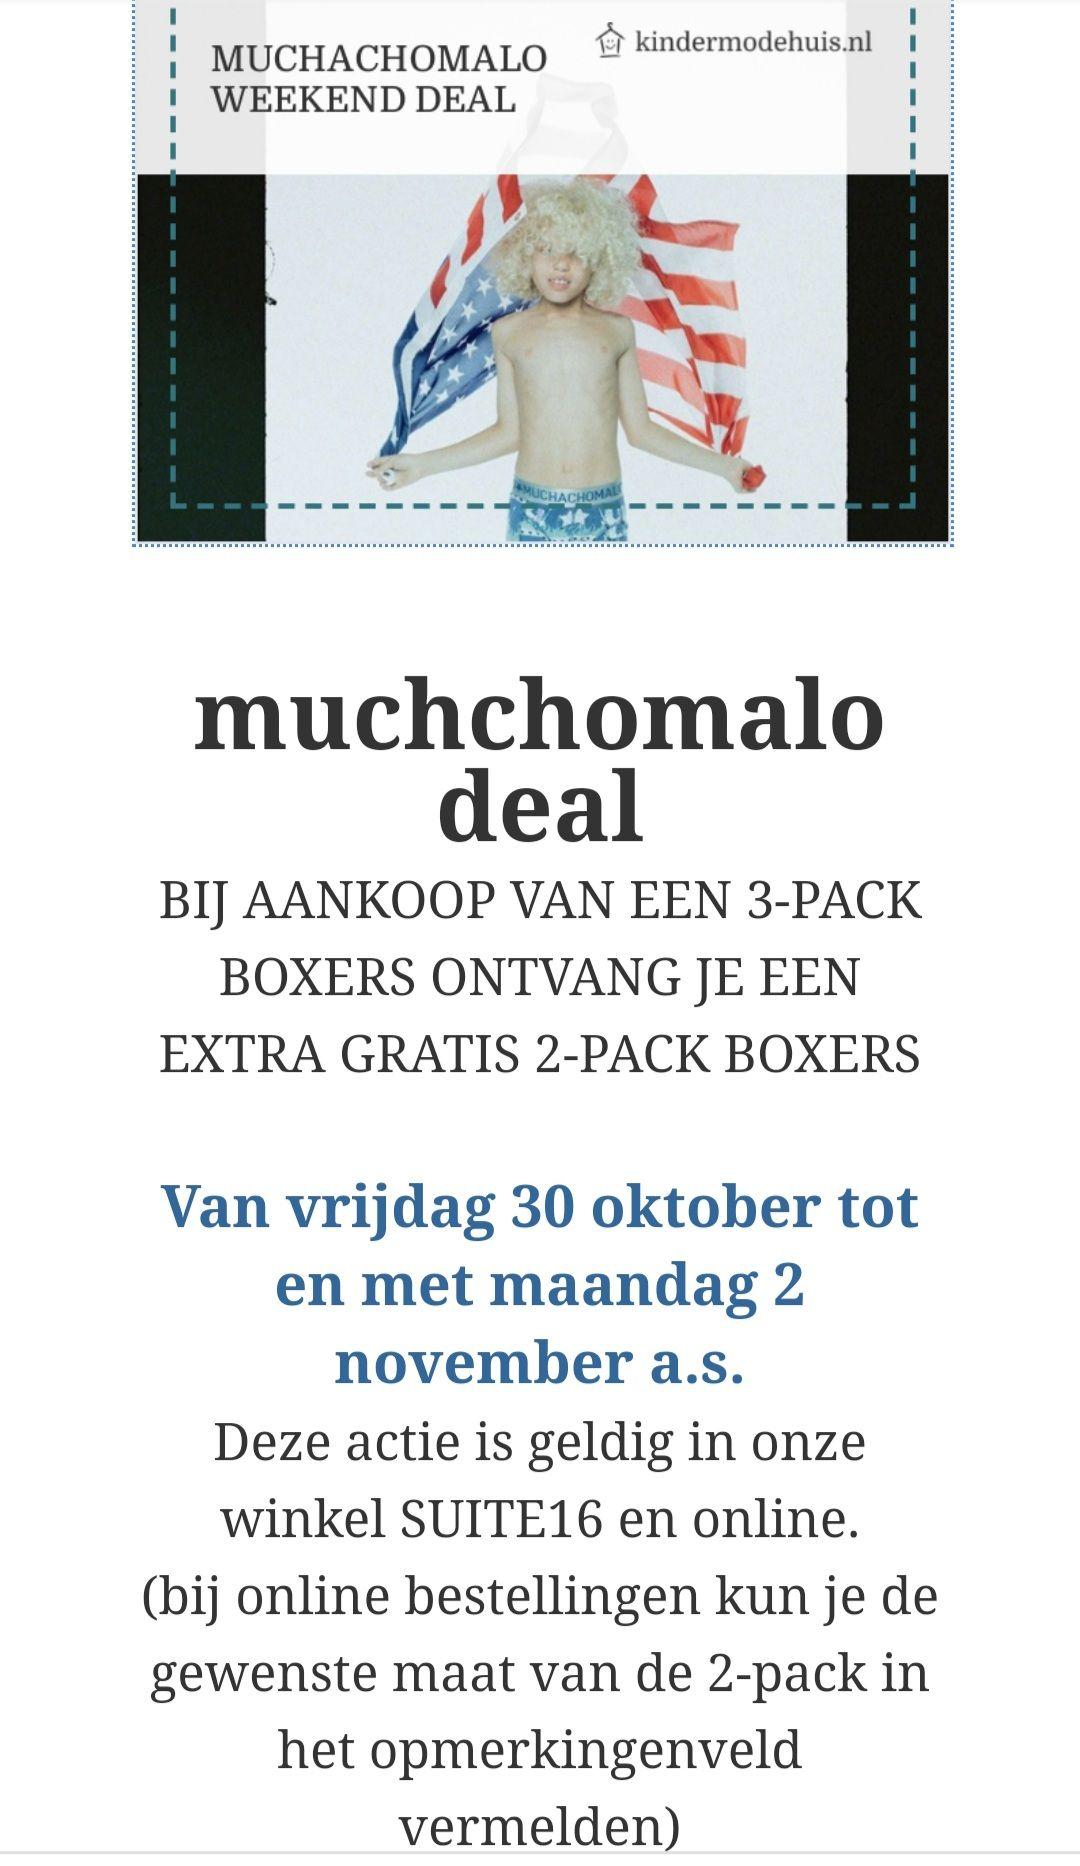 Muchachomalo kids boxers 3+2 gratis